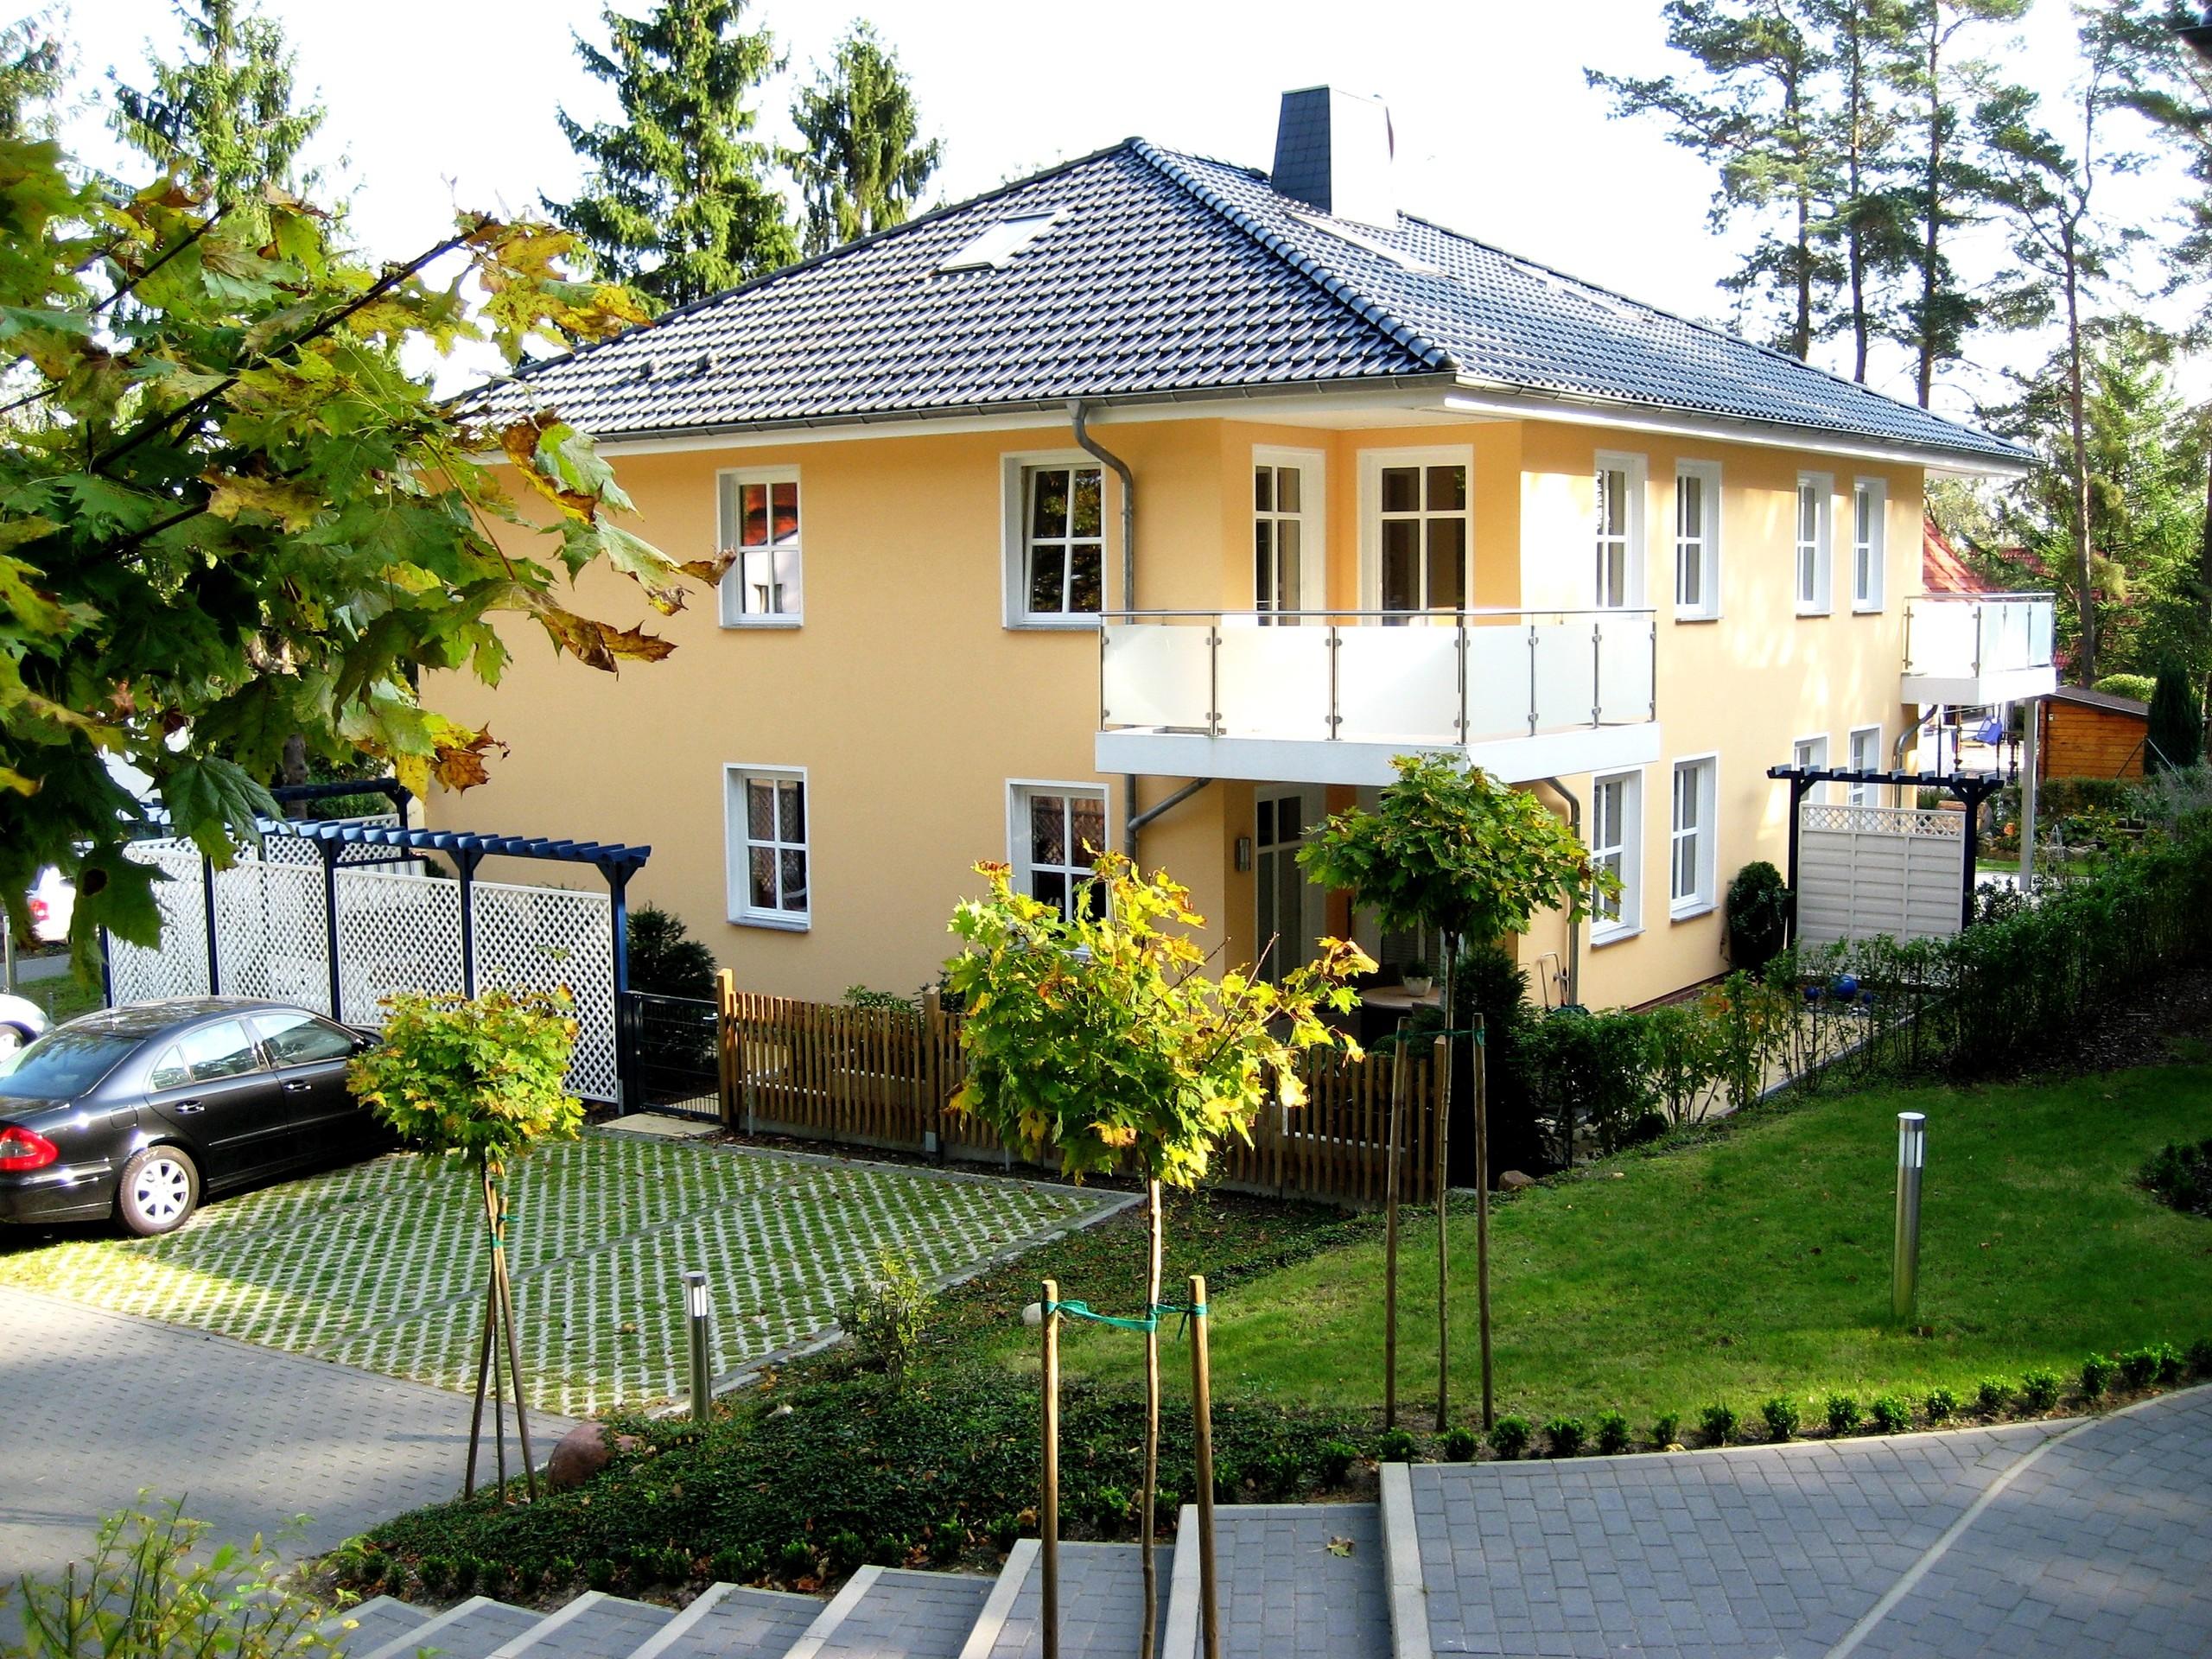 Das Haus Ostseeduo von aussen